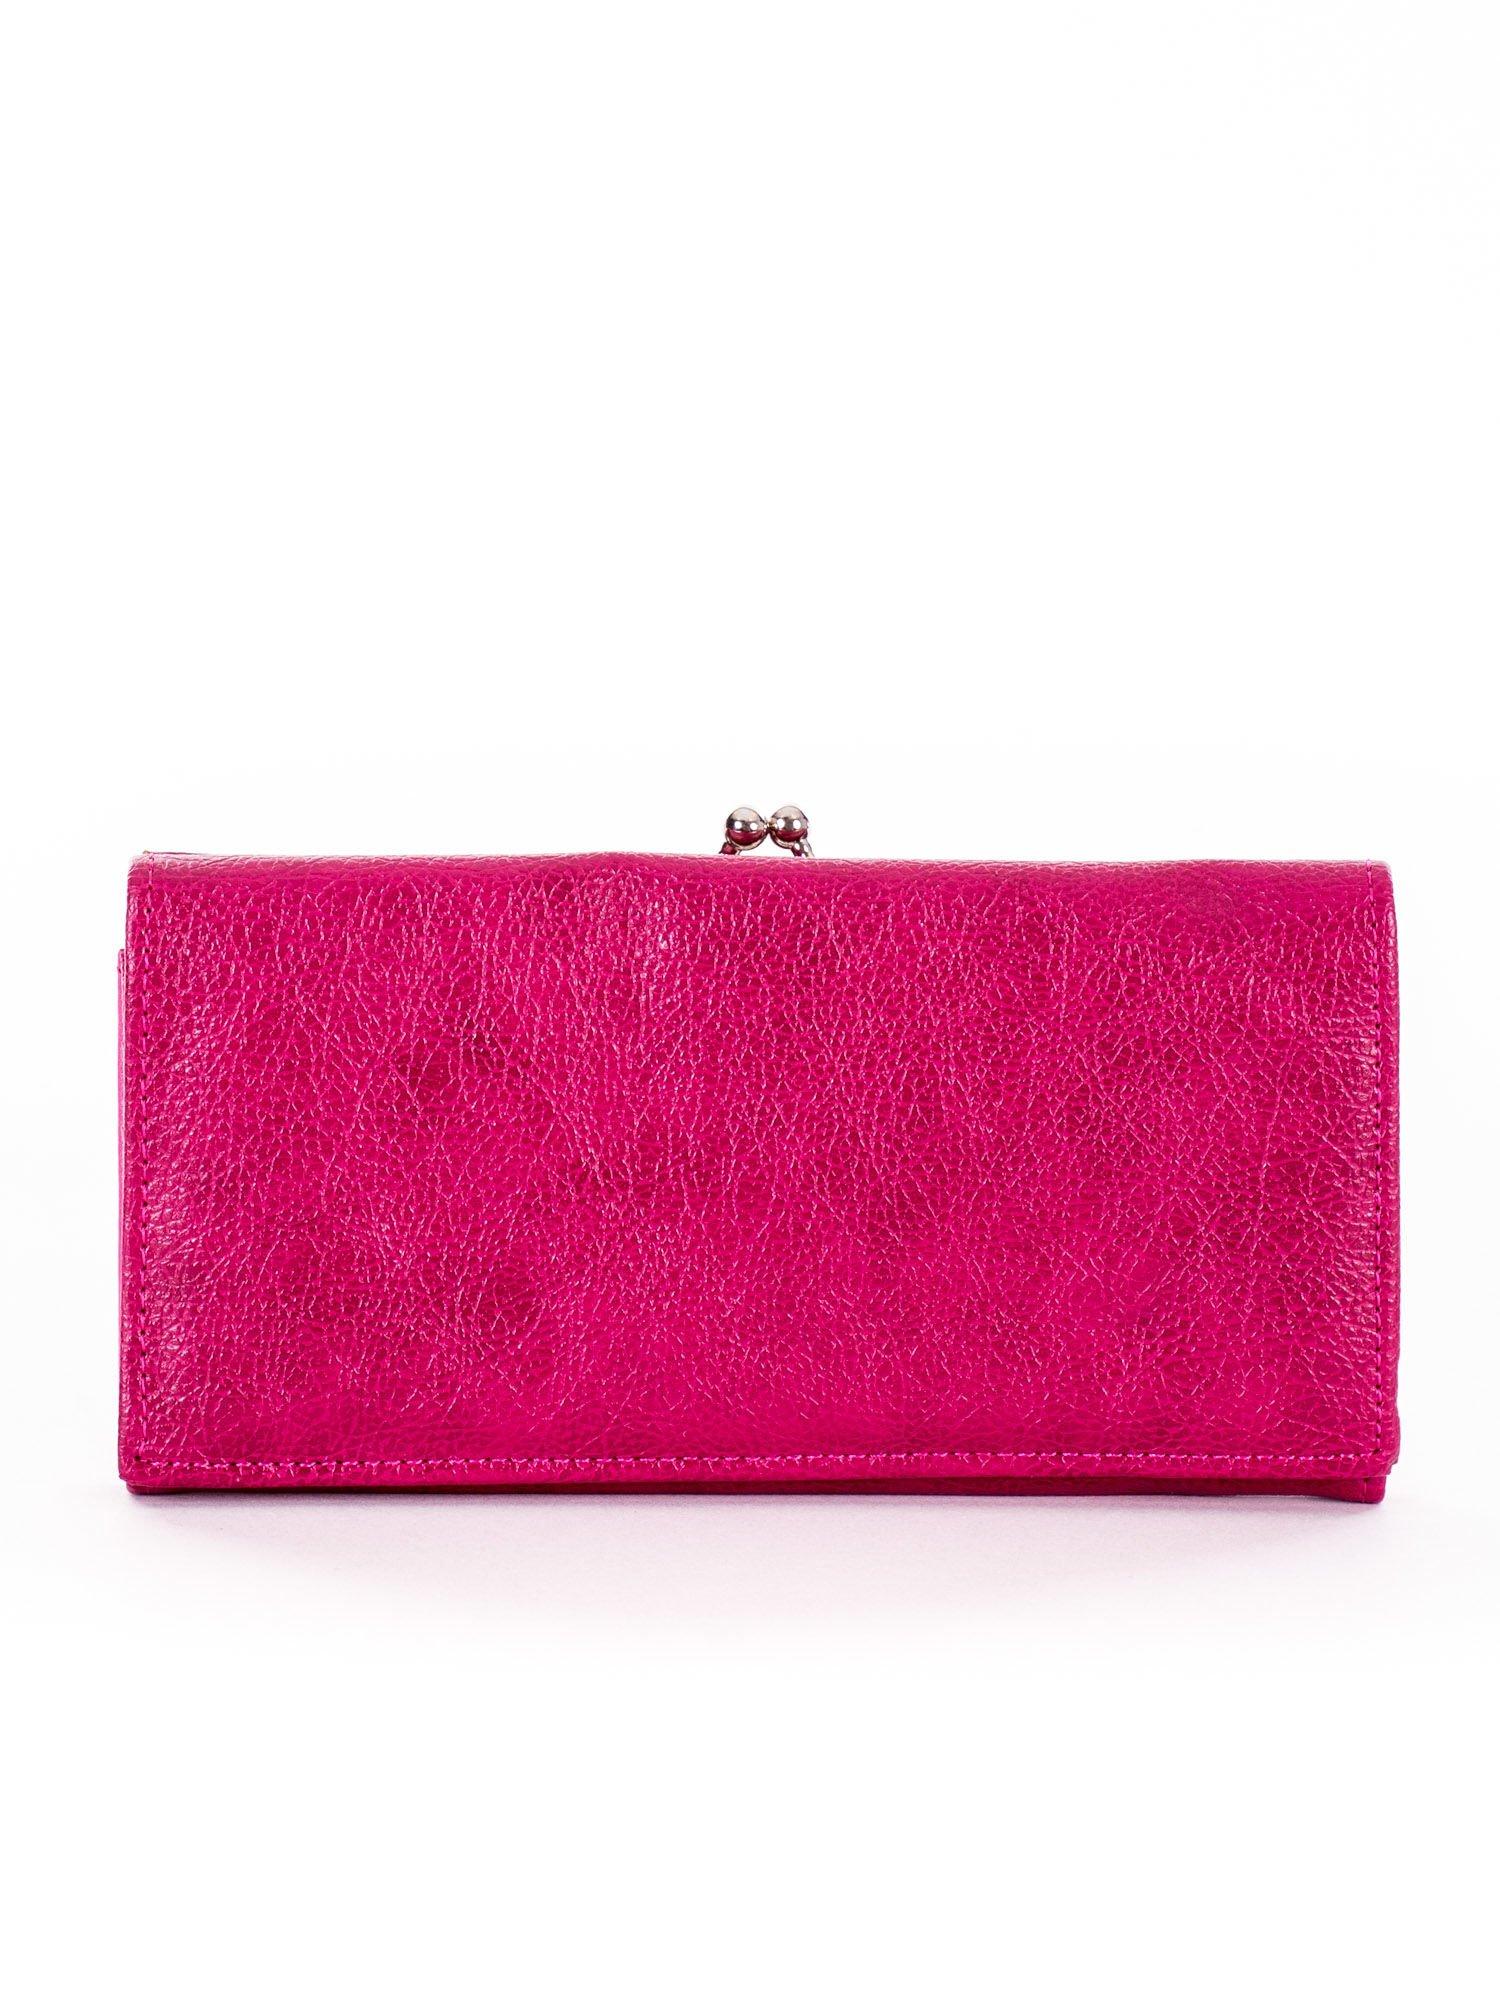 3110166864d69 Różowy portfel damski z biglem - Akcesoria portfele - sklep eButik.pl